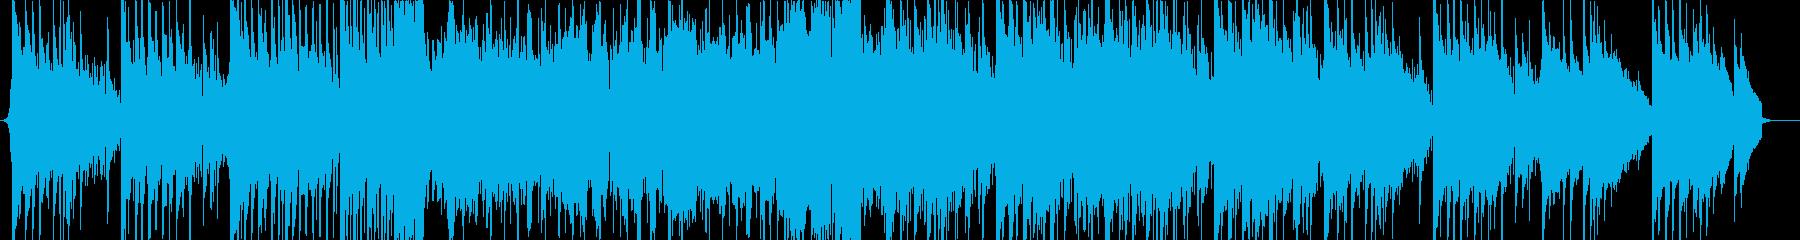 シネマティックなダブステップの再生済みの波形